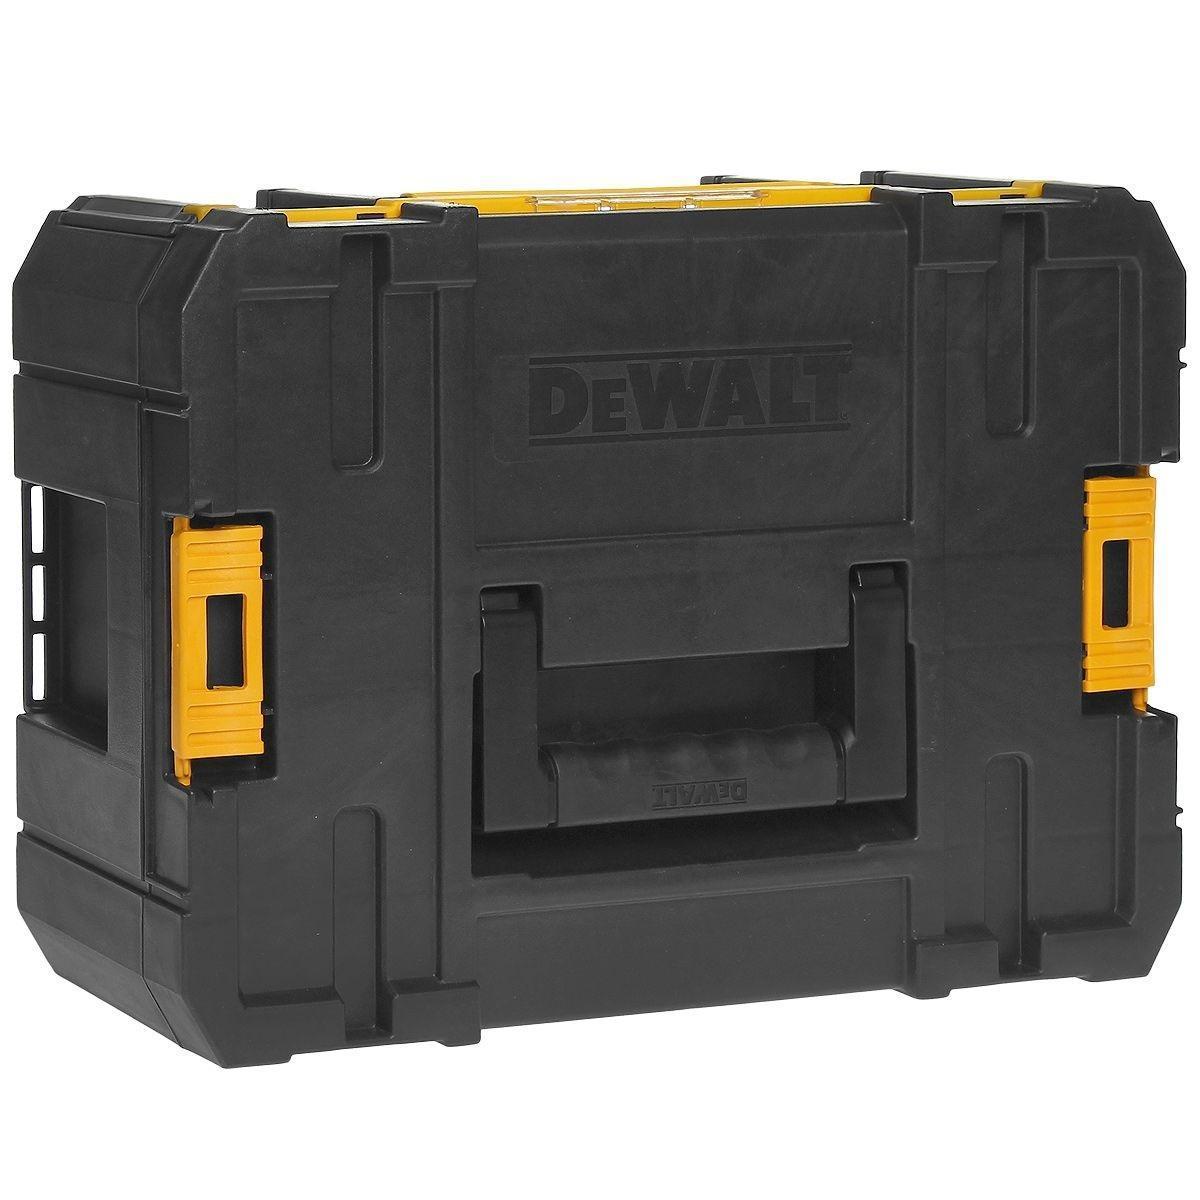 Ящик для инструмента DeWalt TSTAK III, глубокий, с шестью контейнерами ящик для инструмента с органайзером stanley dewalt tstak dwst1 71194